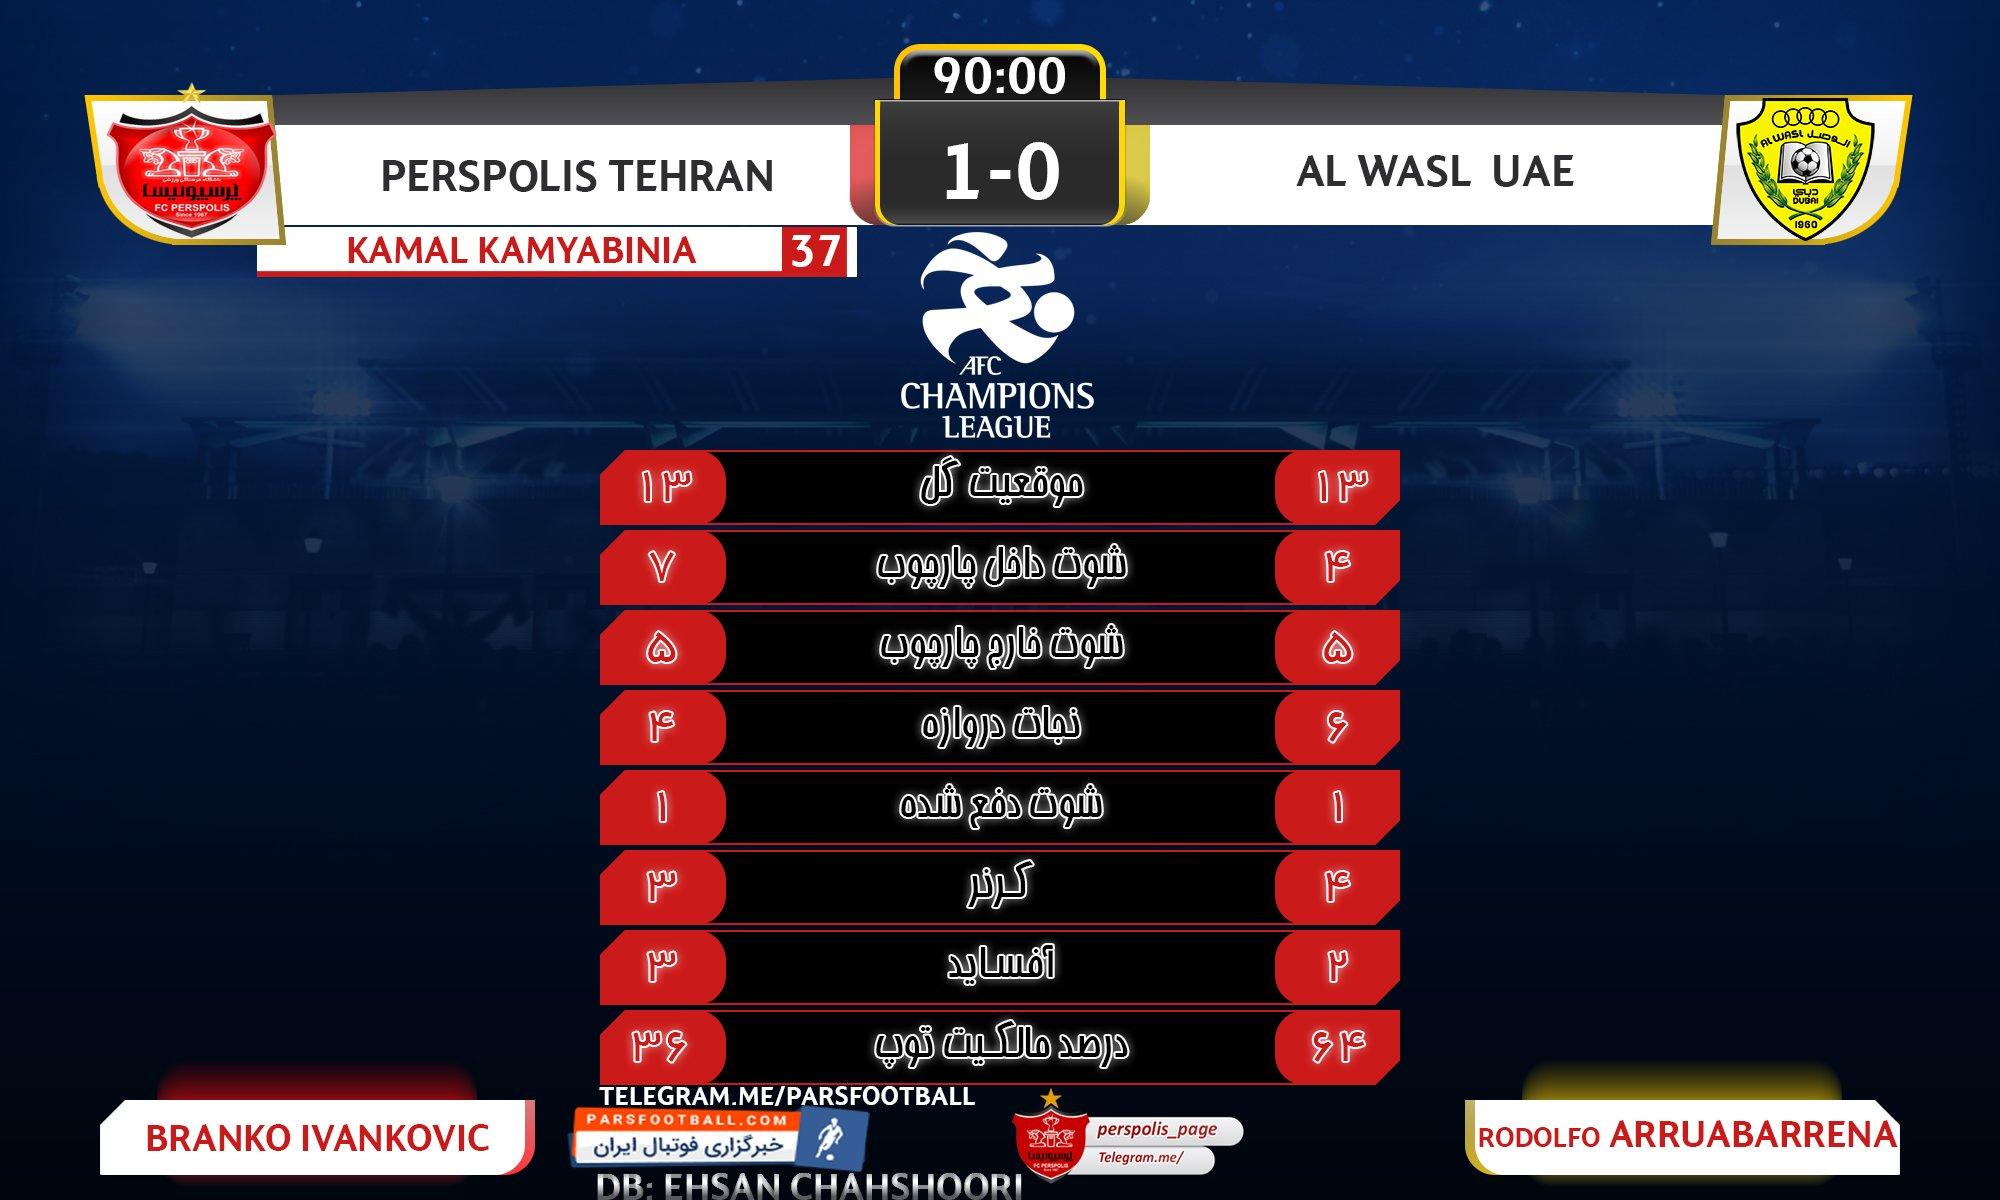 اینفوگرافی آمار پایان بازی دو تیم الوصل امارات و پرسپولیس